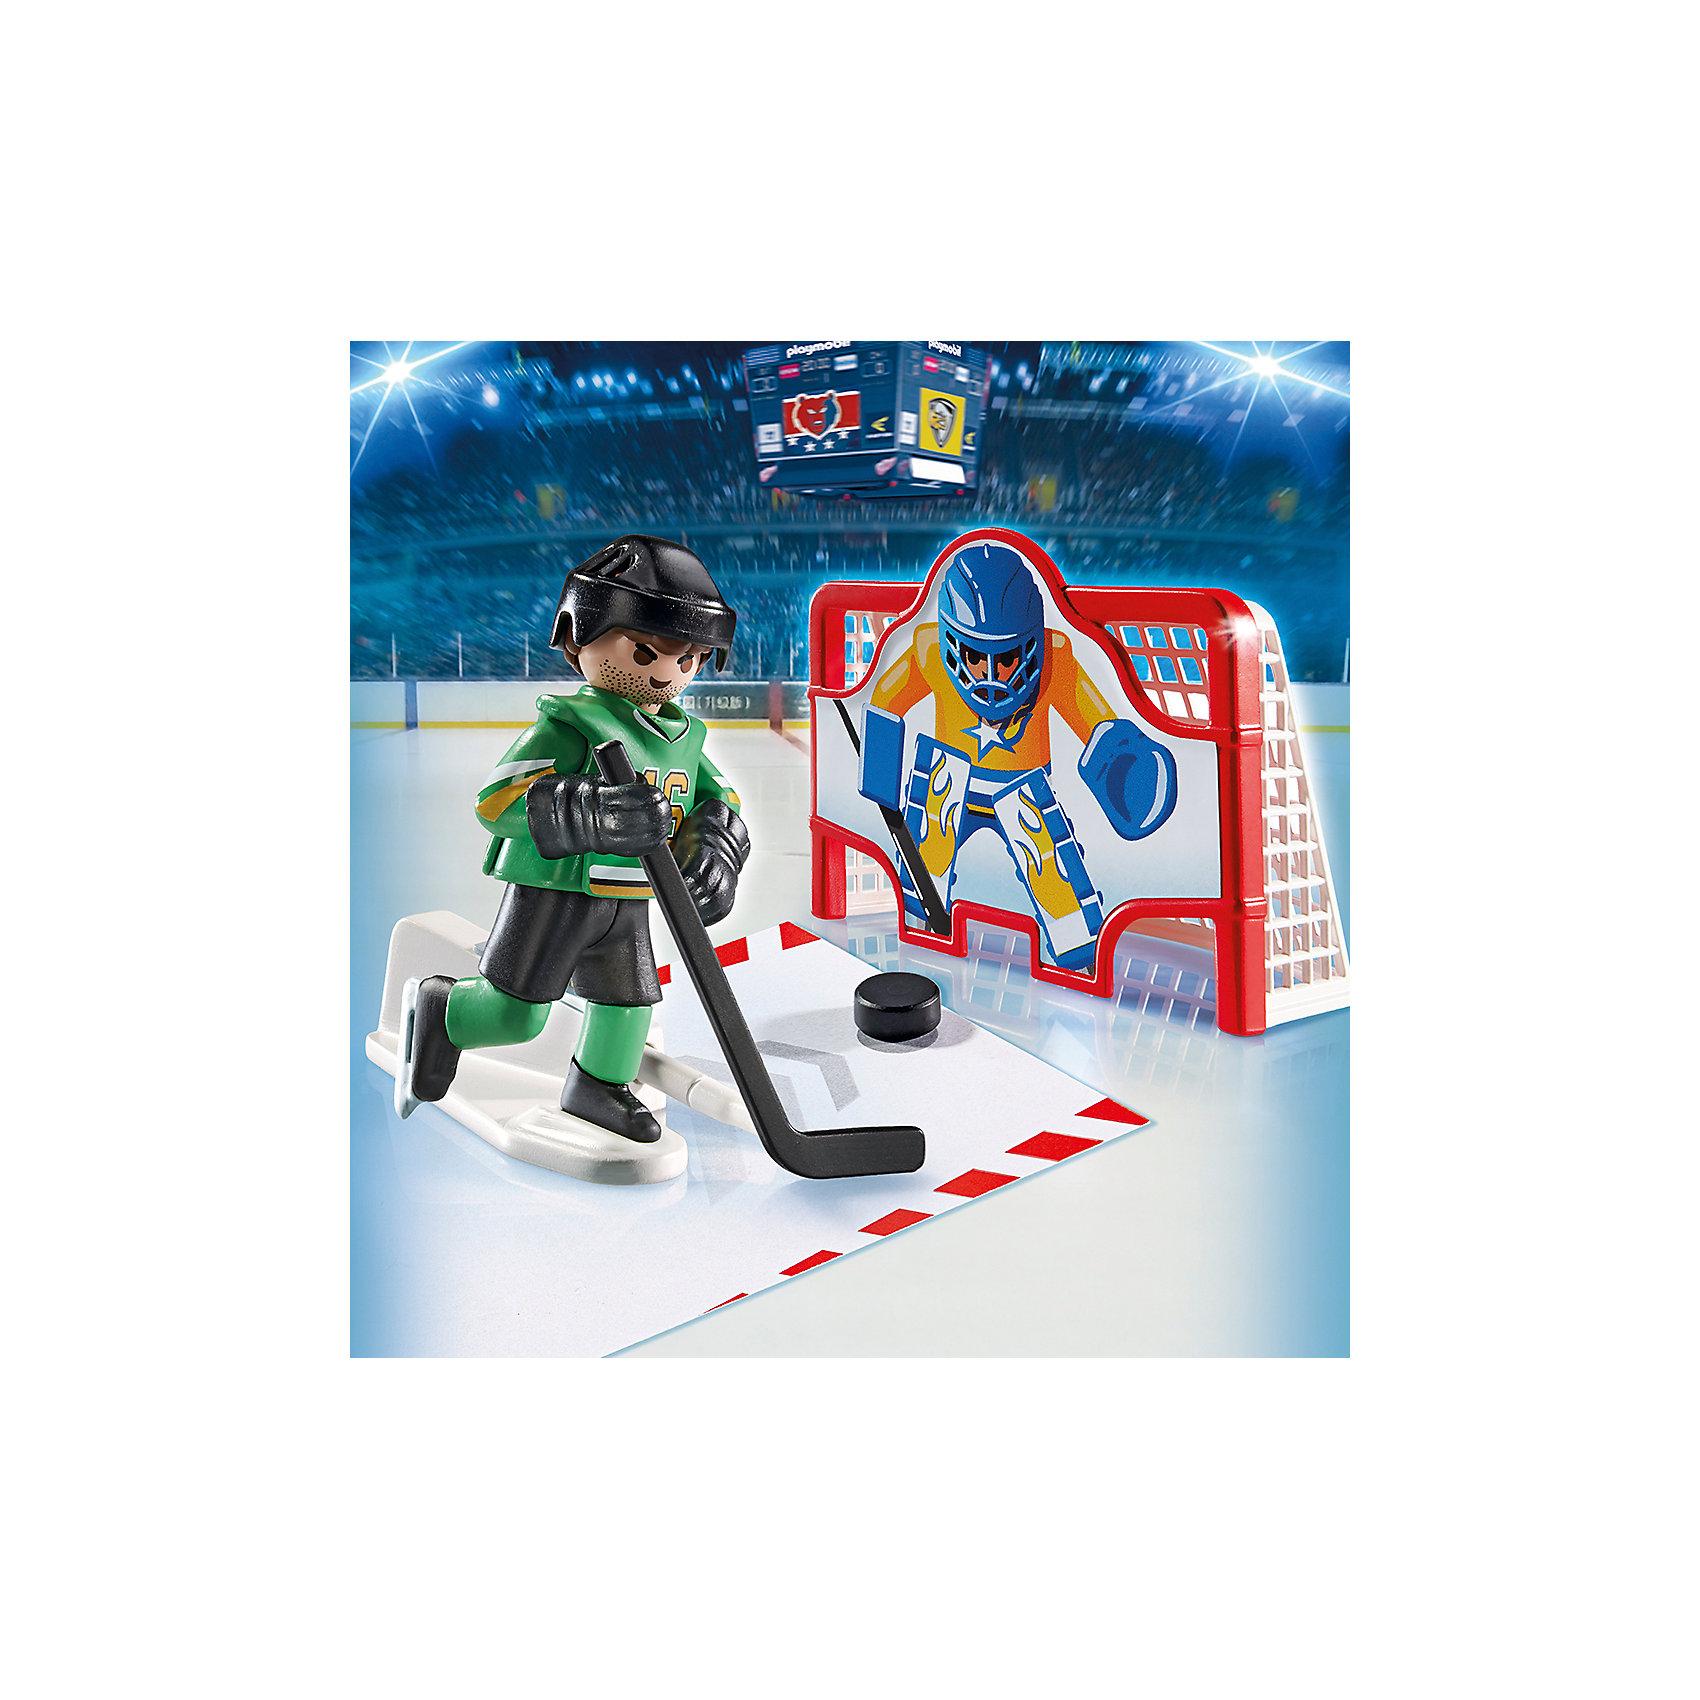 Хоккей: Тренажёр для забивания голов, PLAYMOBILПластмассовые конструкторы<br>Оттачивай свое мастерство с помощью этого тренажера для забивания голов. В комплекте один хоккеист со специальной подставкой. С ее помощью игрок двигается и забивает гол. Фигурка имеет подвижные конечности, в руки можно вложить различные предметы. Все детали прекрасно проработаны и выполнены из высококачественного экологичного пластика безопасного для детей. Играть с таким набором не только приятно и интересно - подобные виды игры развивают мелкую моторику, воображение, творческое мышление.<br><br>Дополнительная информация:<br><br>- 1 фигурка.<br>- Комплектация: 1 фигурка, подставка, ворота, 4 шайбы, клюшка. <br>- Материал: пластик.<br>- Размер упаковки: 14х14х7 см.<br>- Высота фигурки: 7,5 см.<br>- Голова, руки, ноги у фигурки подвижные.<br><br>Набор Хоккей: Тренажёр для забивания голов, PLAYMOBIL (Плеймобил), можно купить в нашем магазине.<br><br>Ширина мм: 145<br>Глубина мм: 144<br>Высота мм: 71<br>Вес г: 105<br>Возраст от месяцев: 60<br>Возраст до месяцев: 120<br>Пол: Мужской<br>Возраст: Детский<br>SKU: 4012494